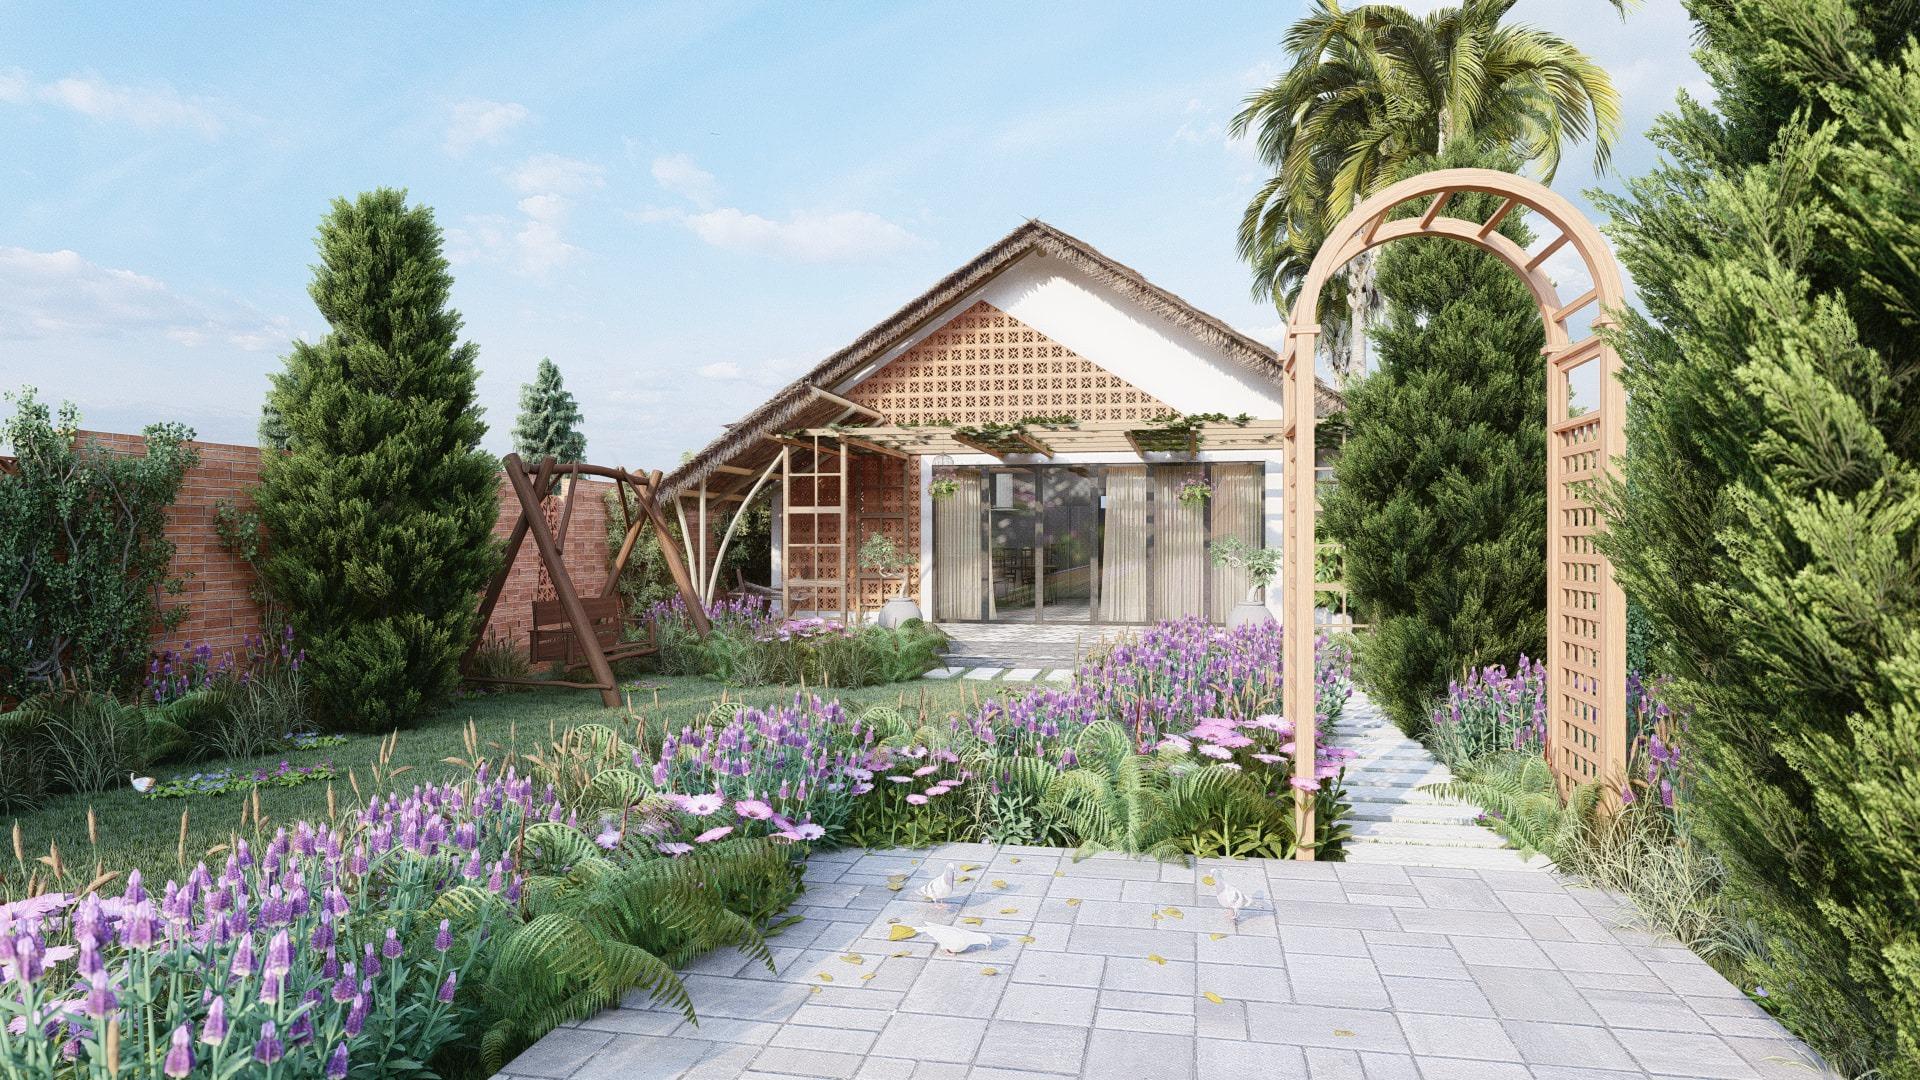 thiết kế Nhà tại Đồng Nai NHÀ SINH HOẠT TUẦN ,NGHĨ DƯỠNG  14 1557156712